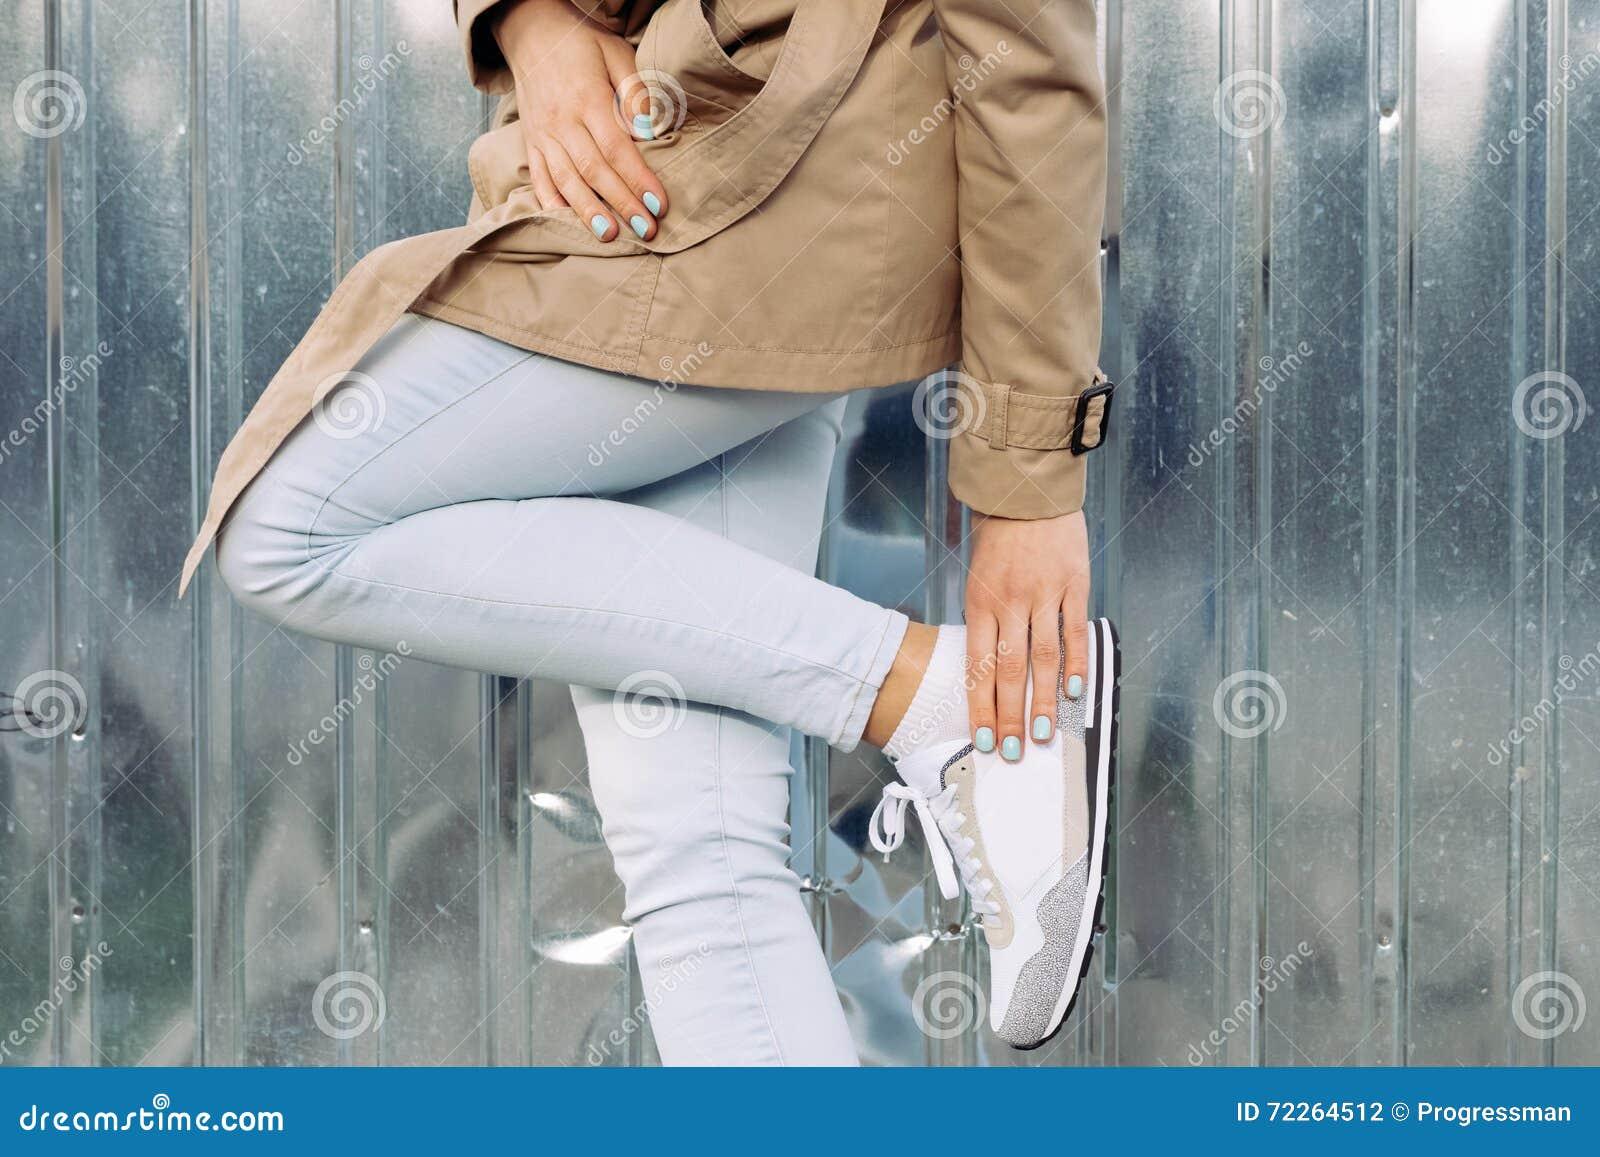 best loved b4877 d7c55 Dettagli Dell'abbigliamento: Ragazza In Cappotto Beige ...